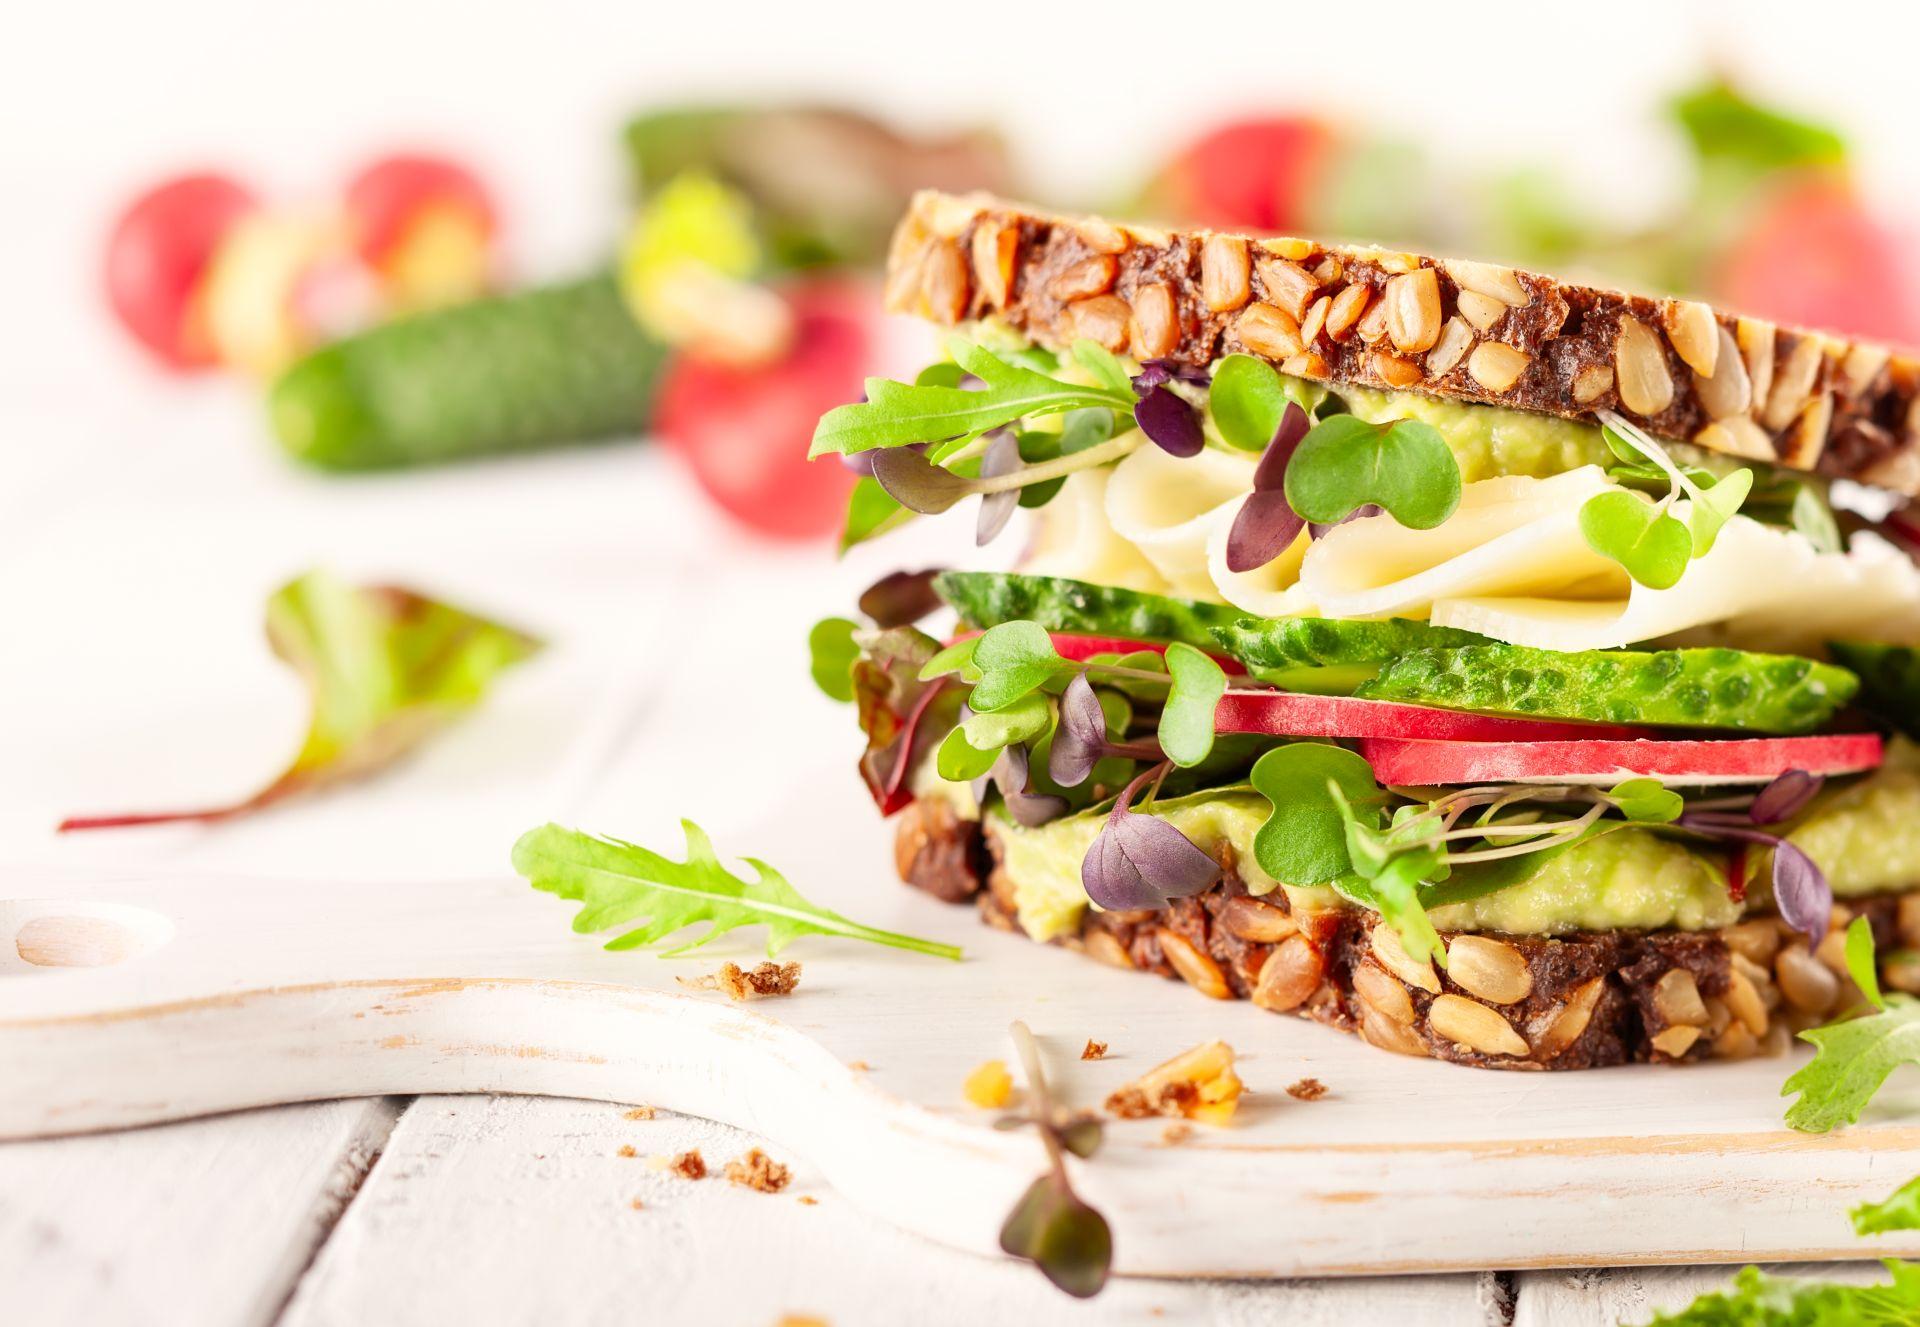 Jeśli profil lipidowy jest zaburzony, a normy cholesterolu LDL przekroczone, warto wdrożyć dietę na obniżenie cholesterolu. Jakie składniki wybrać? Sterole roślinne to najprostszy i najskuteczniejszy sposób.